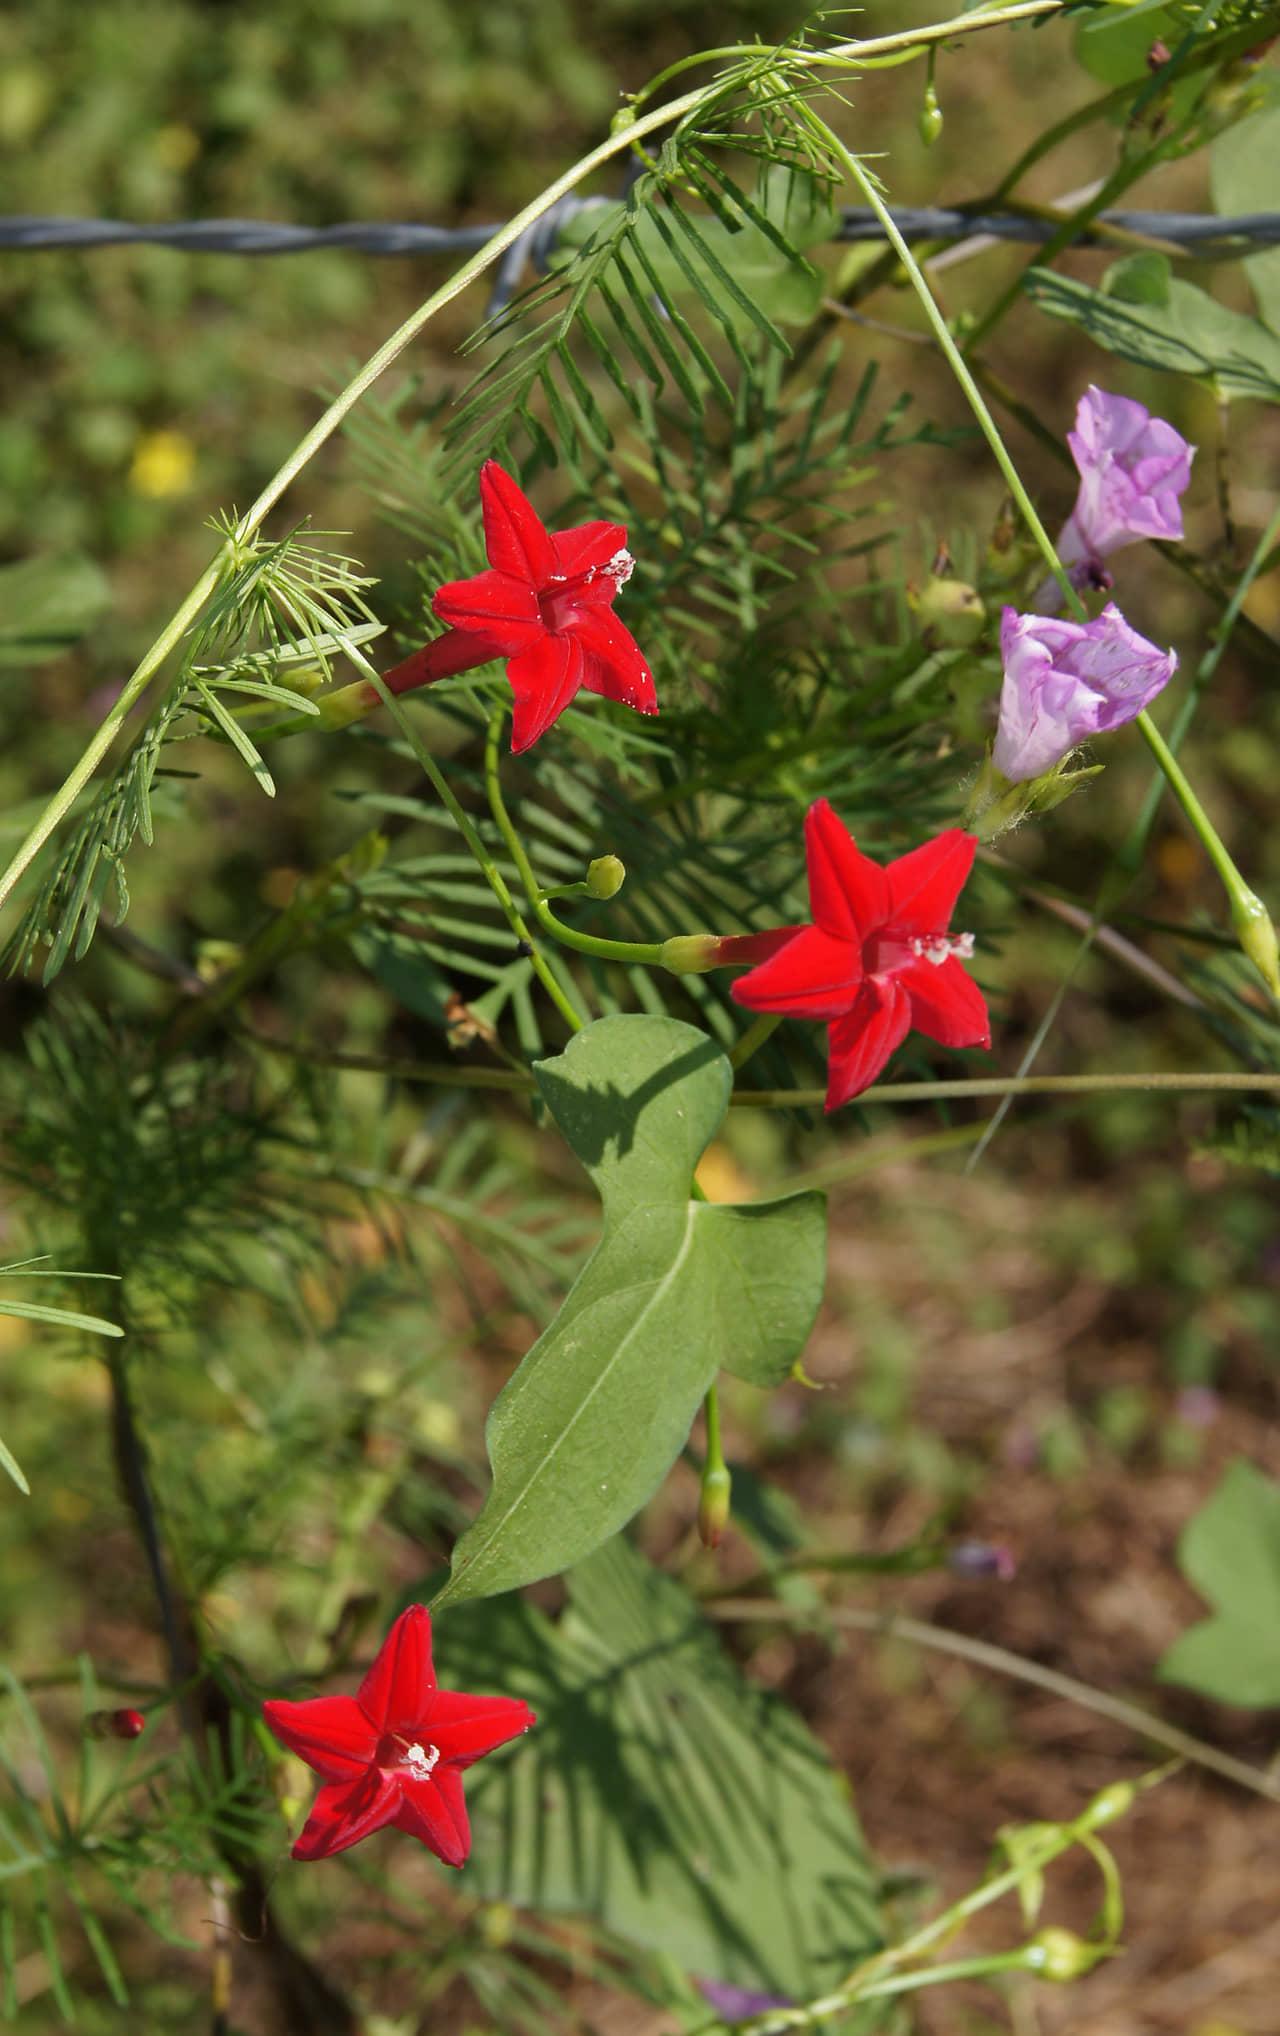 Hướng dẫn cách trồng hoa tóc tiên leo ( bìm đỏ)